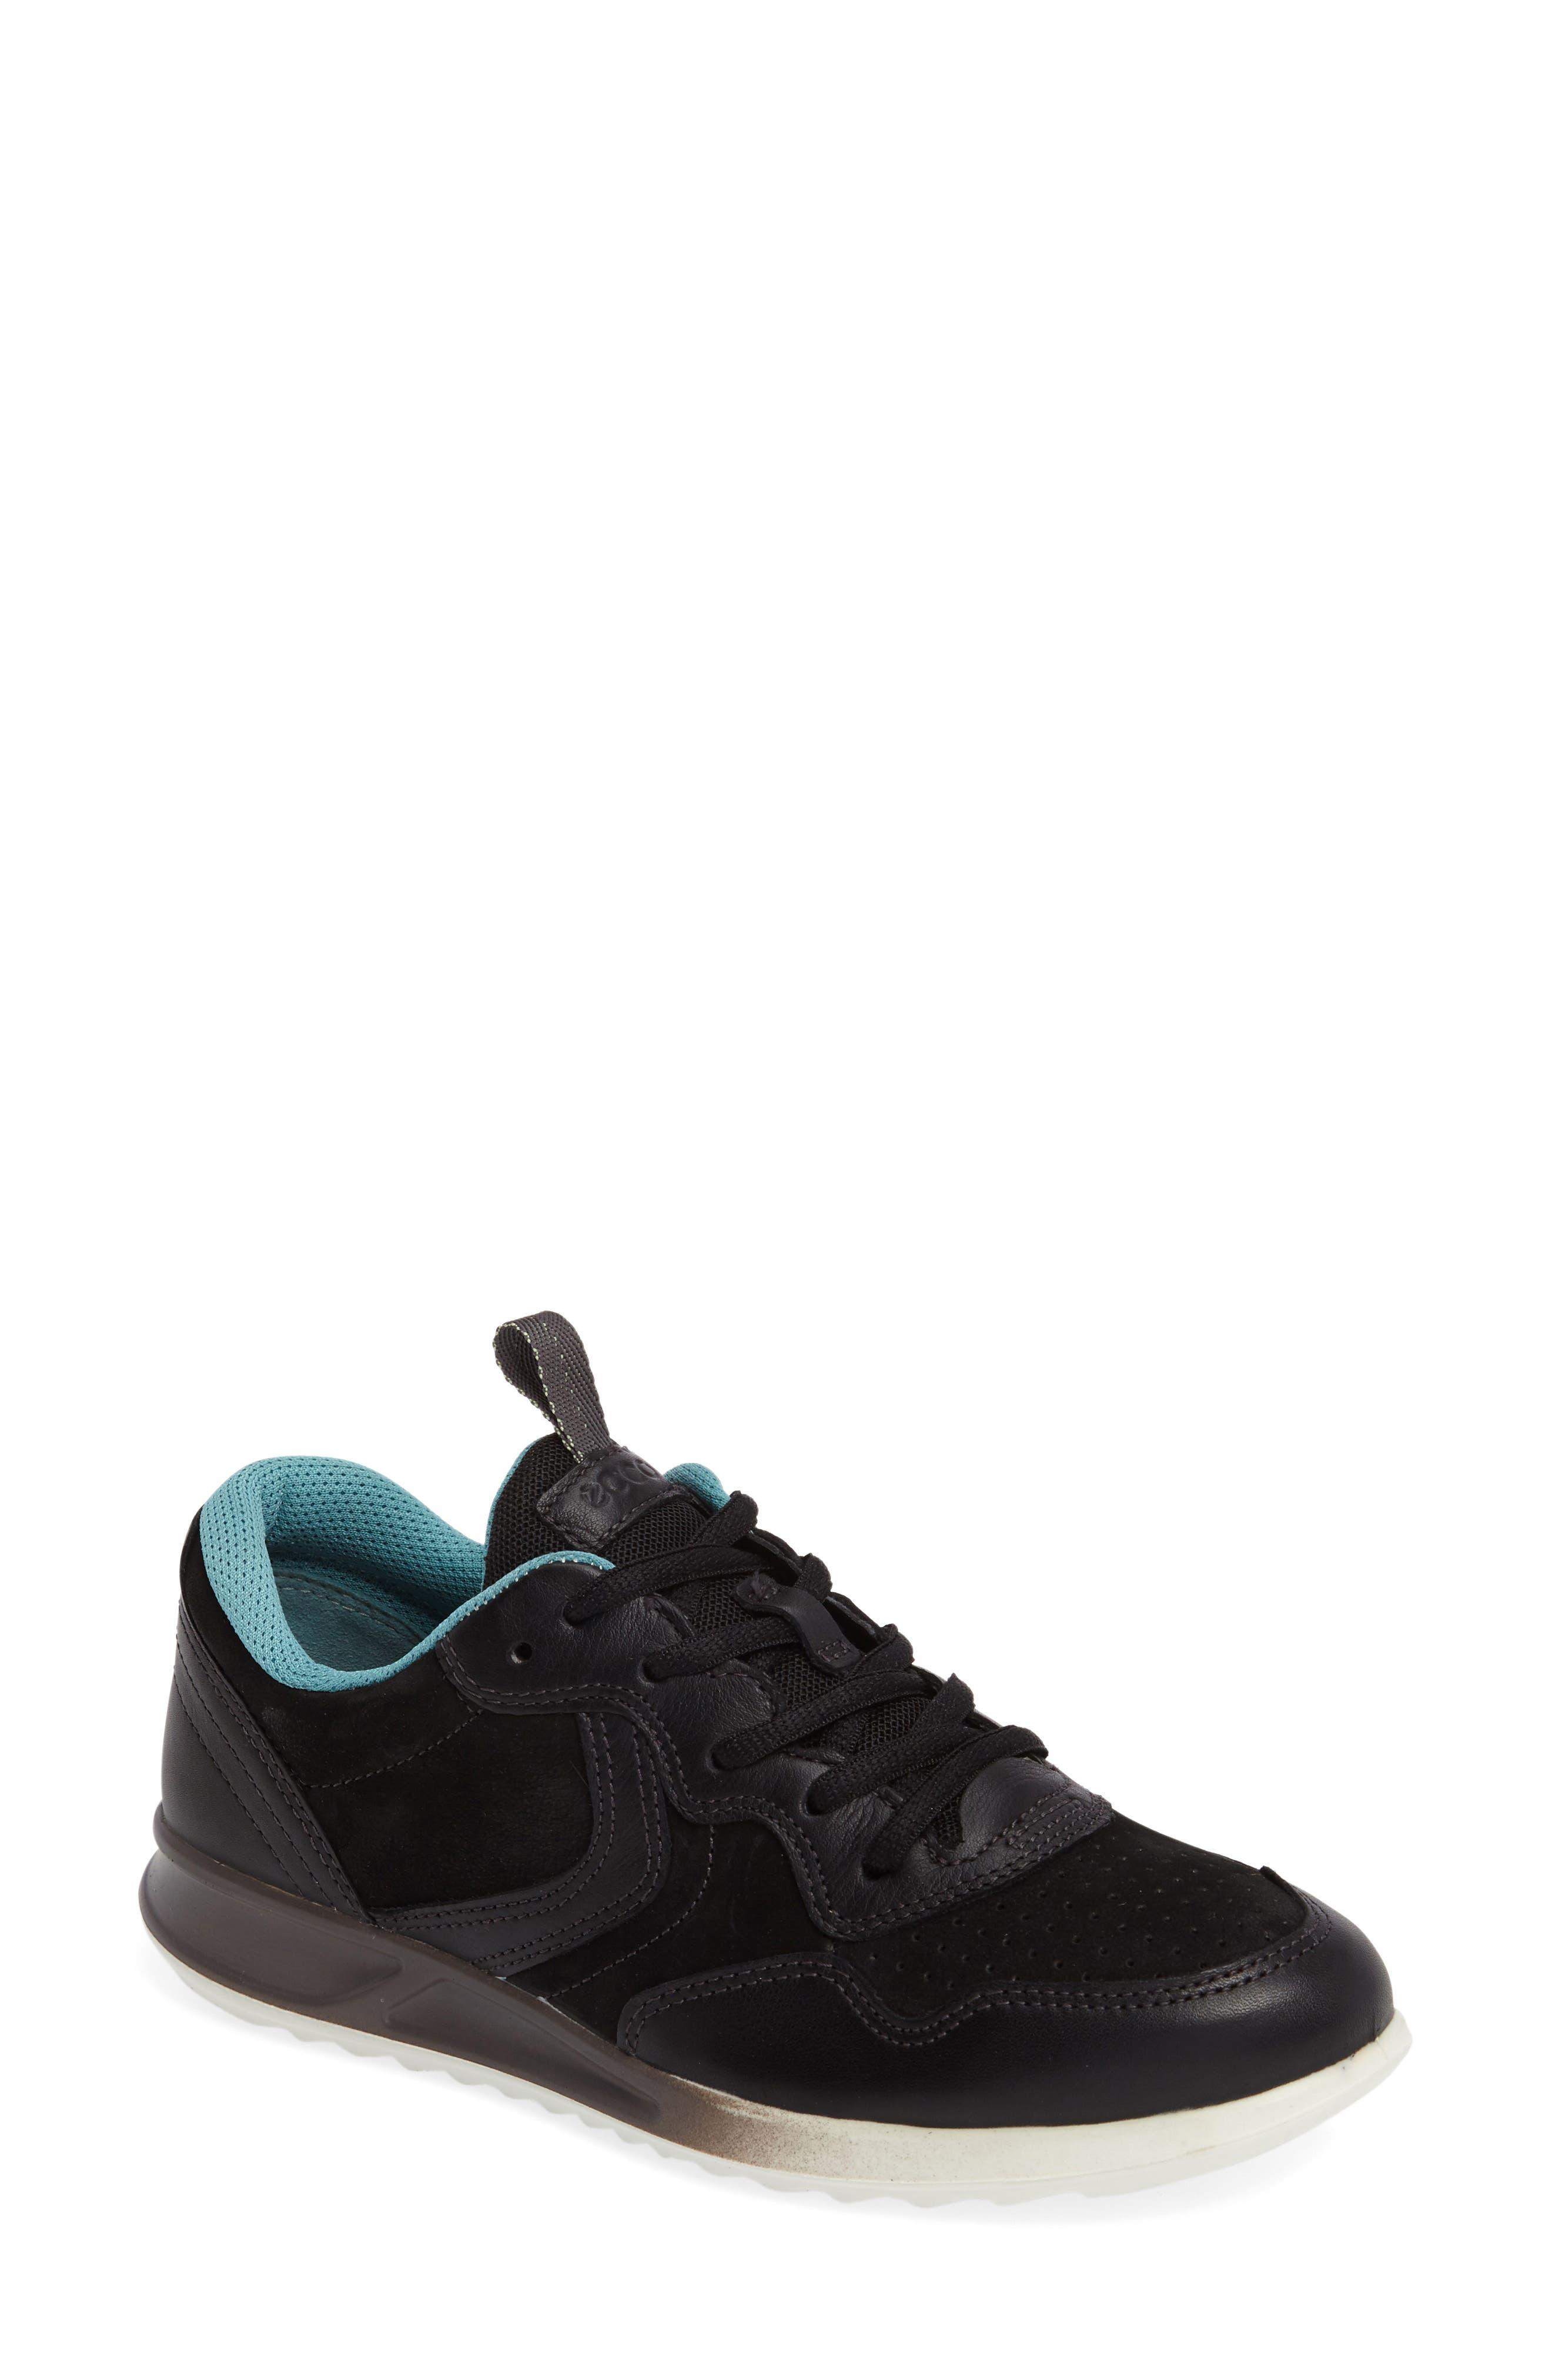 Genna Sneaker,                         Main,                         color,